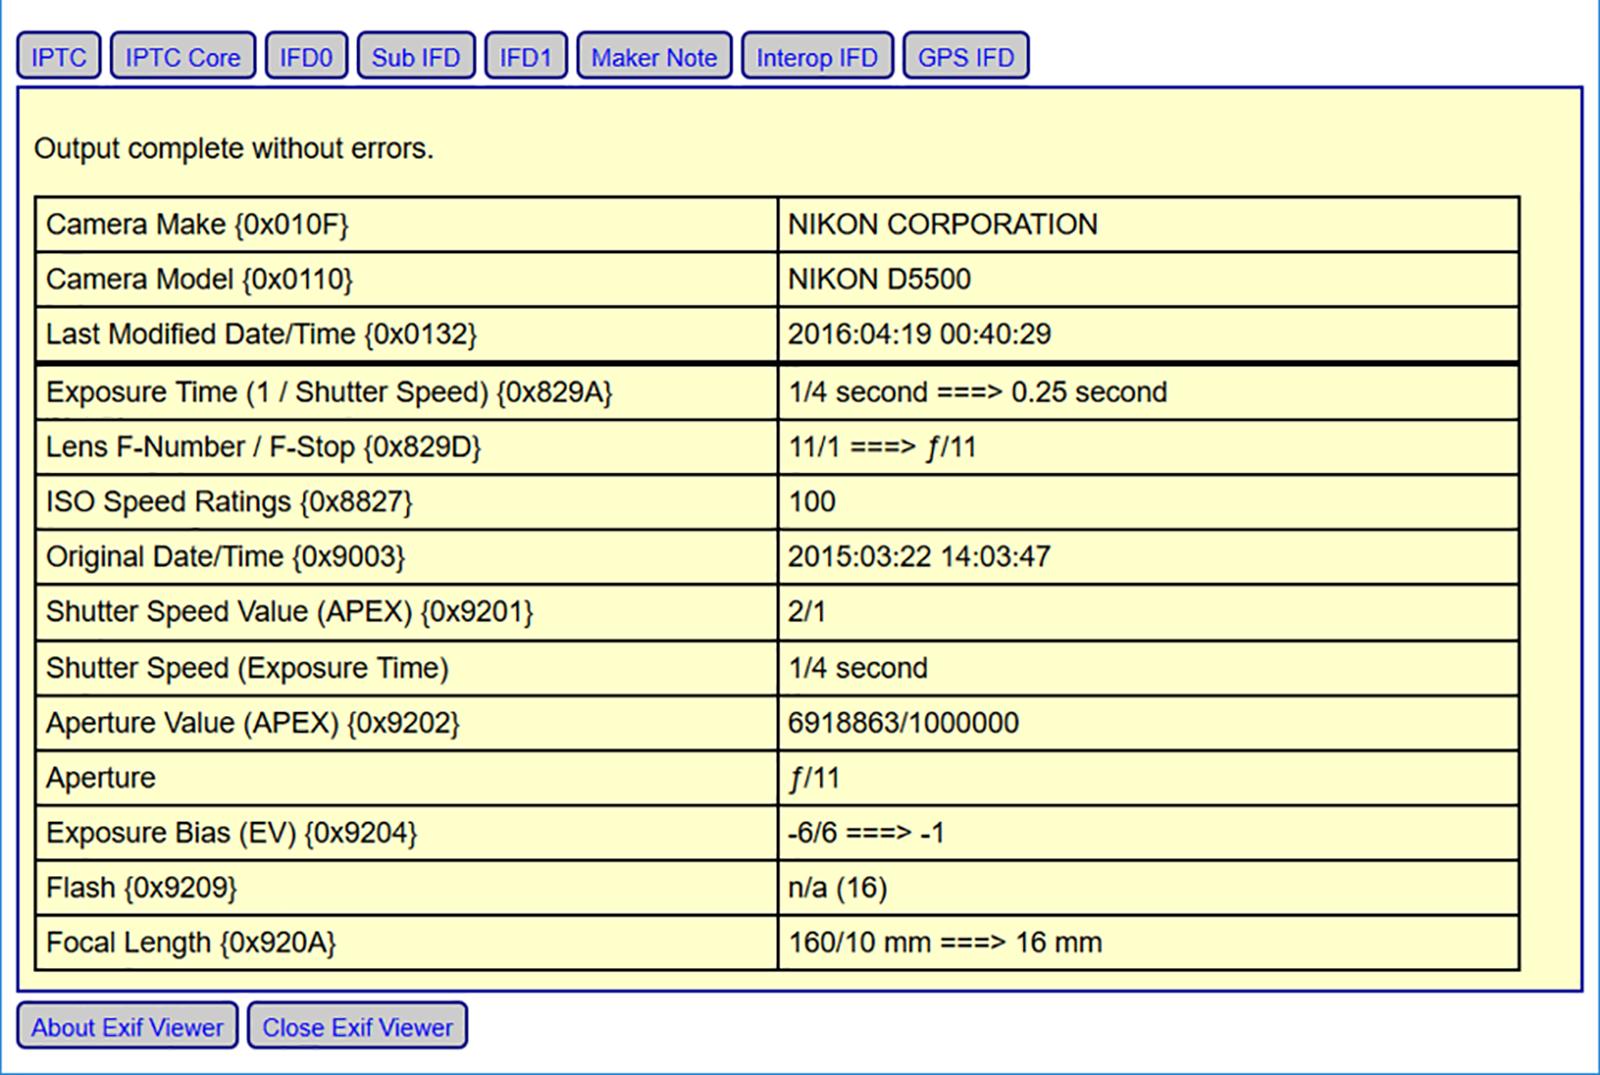 Đang tải Exif-Viewer-960x887.png…